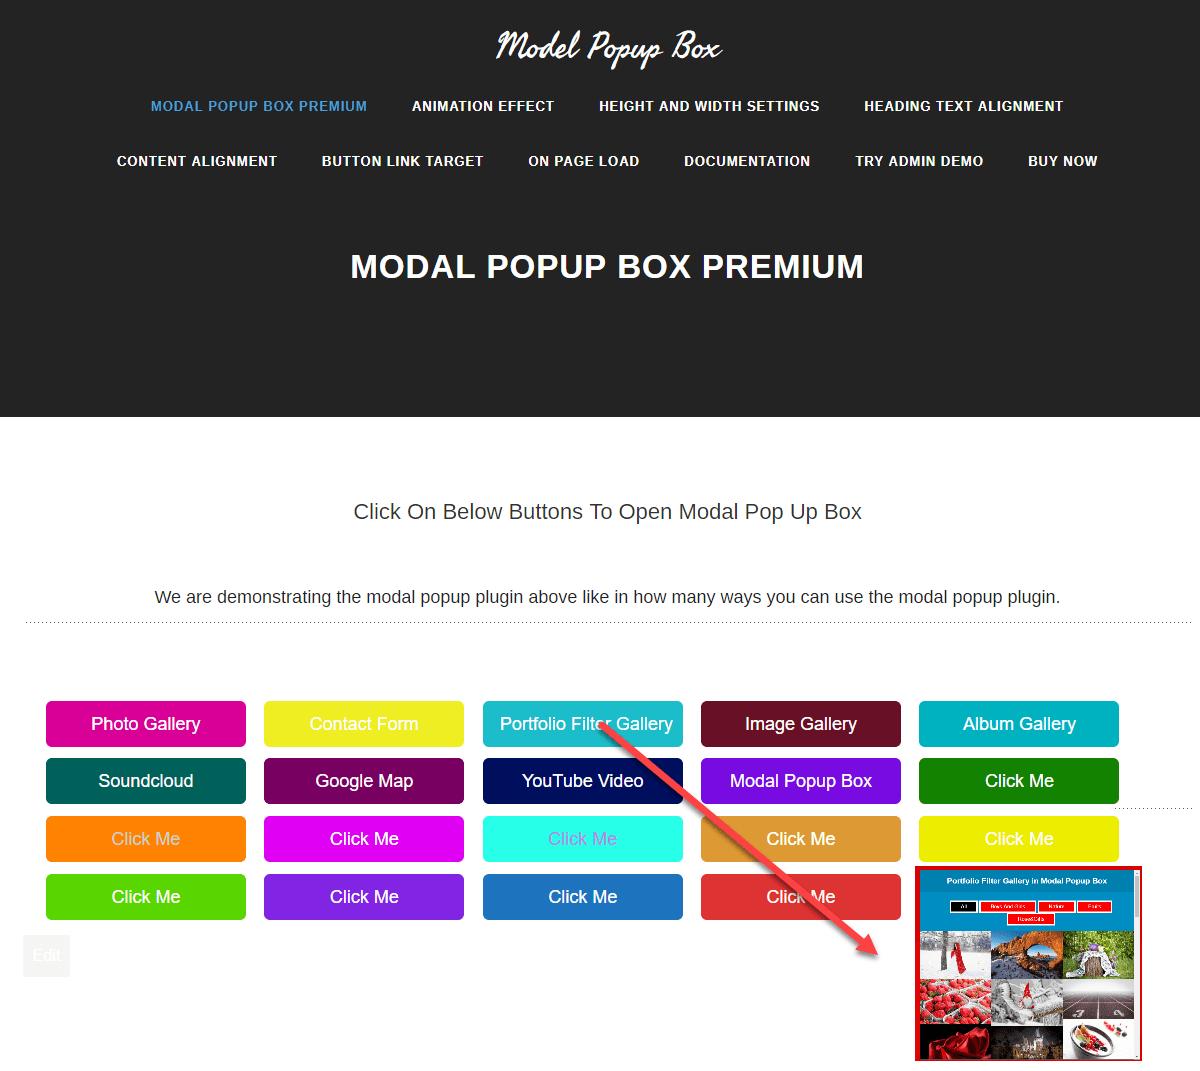 modal poup box